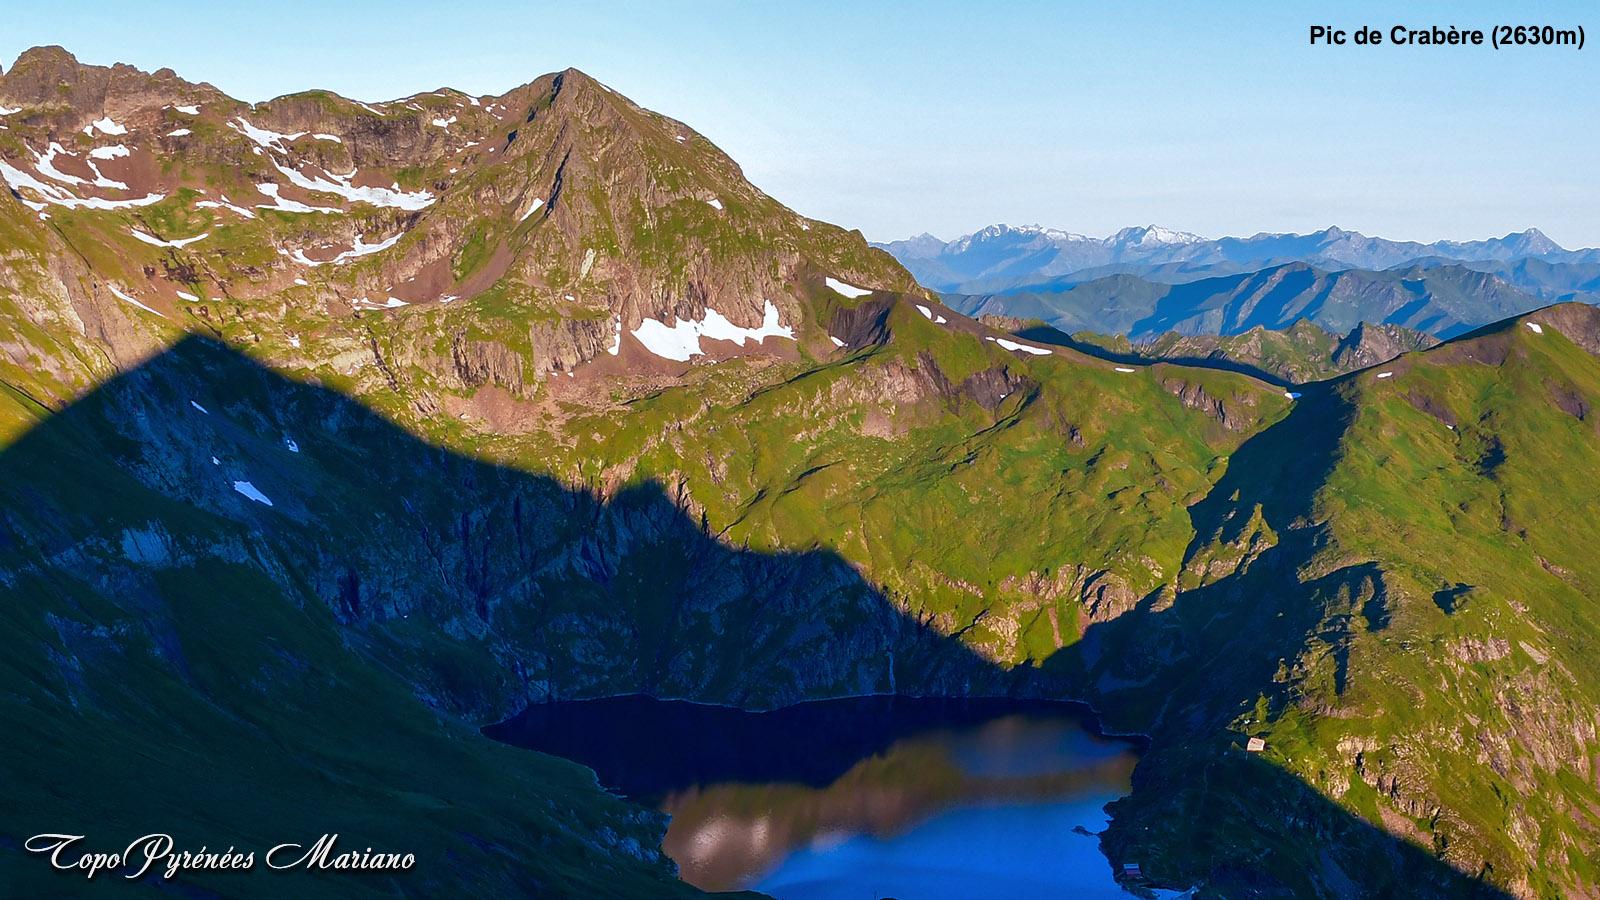 Randonnée Pic de Crabère (2630m)